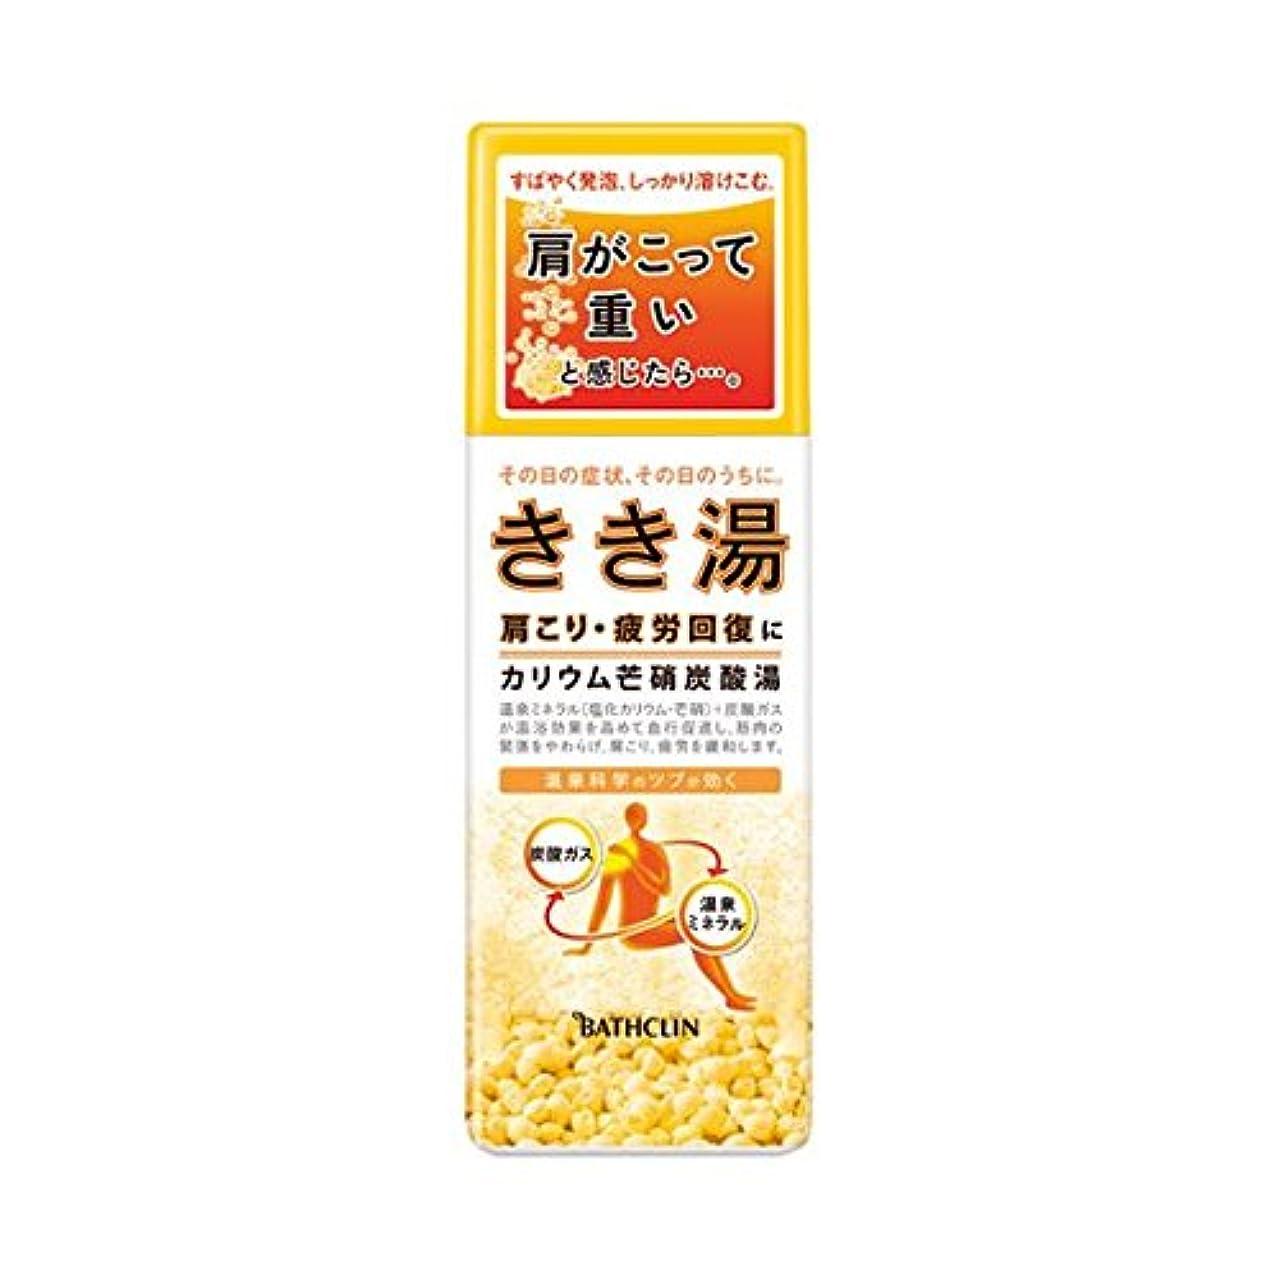 きき湯 カリウム芒硝炭酸湯 × 10個セット